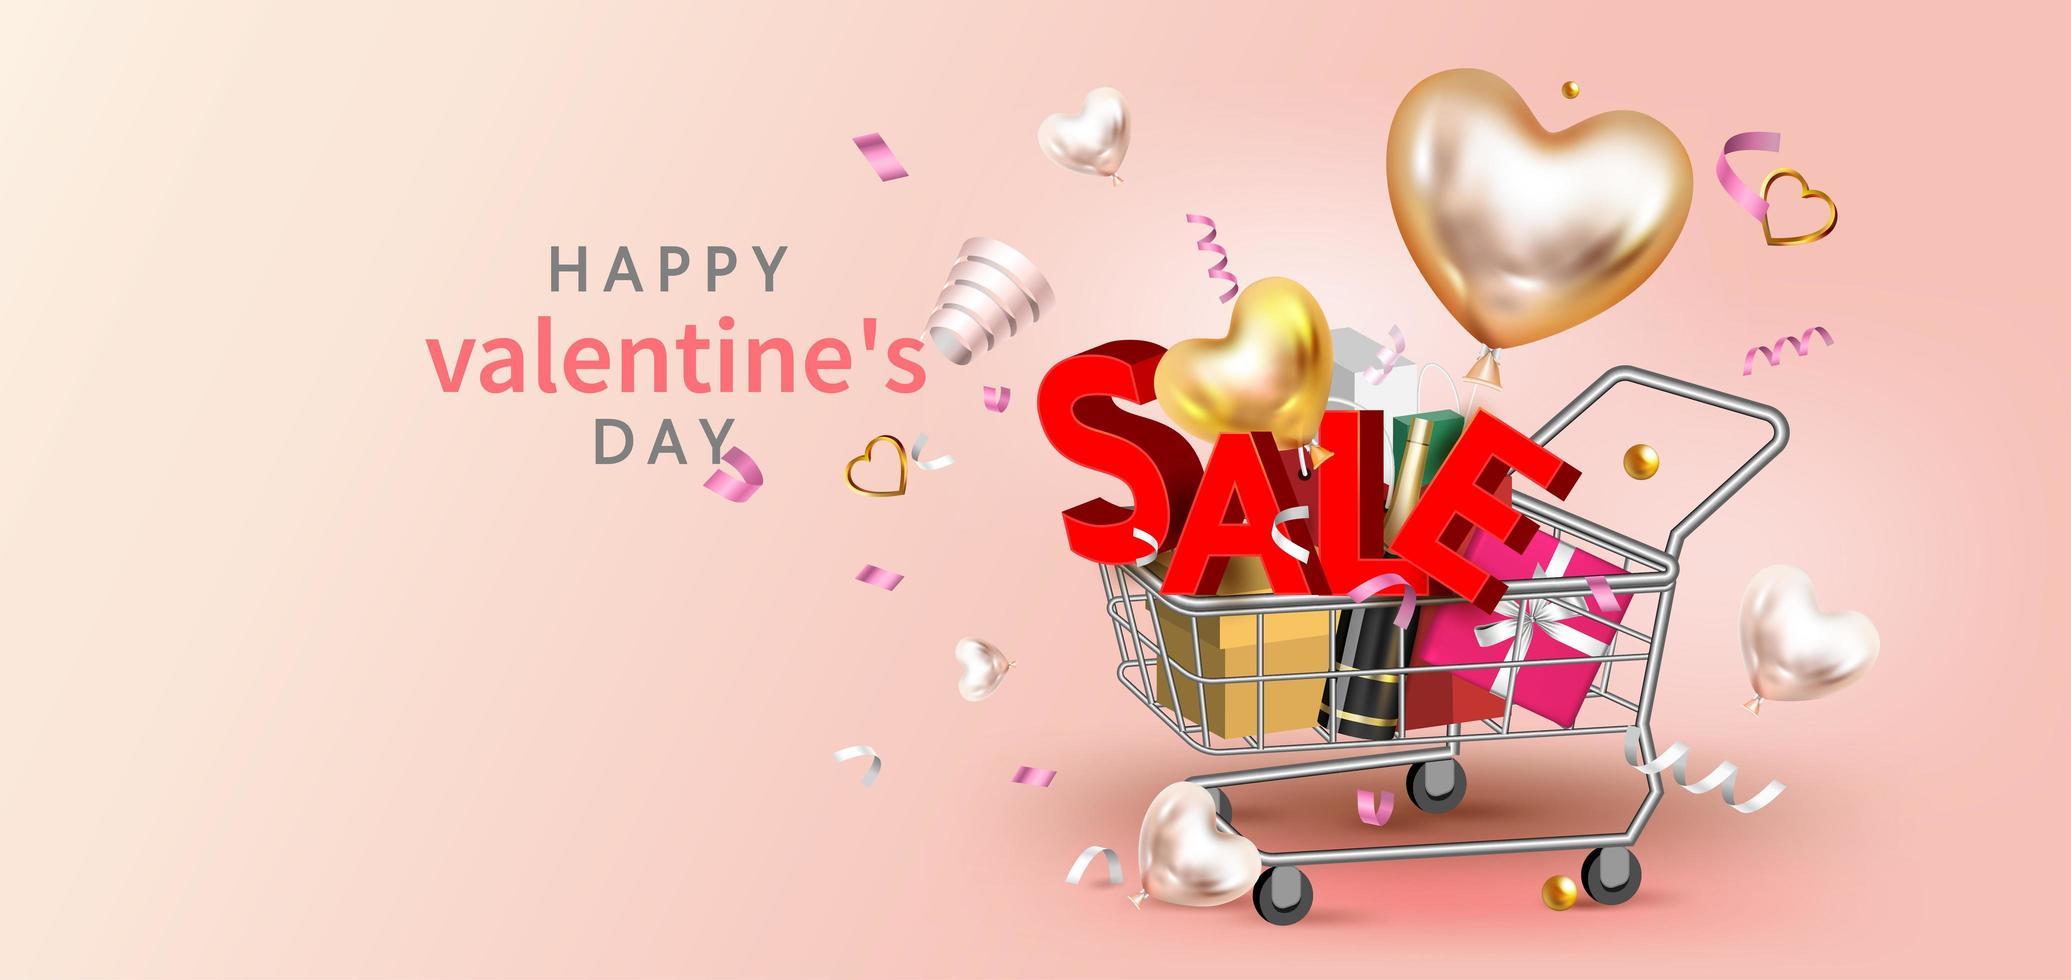 Lycklig alla hjärtans dag försäljning reklam banner vektor